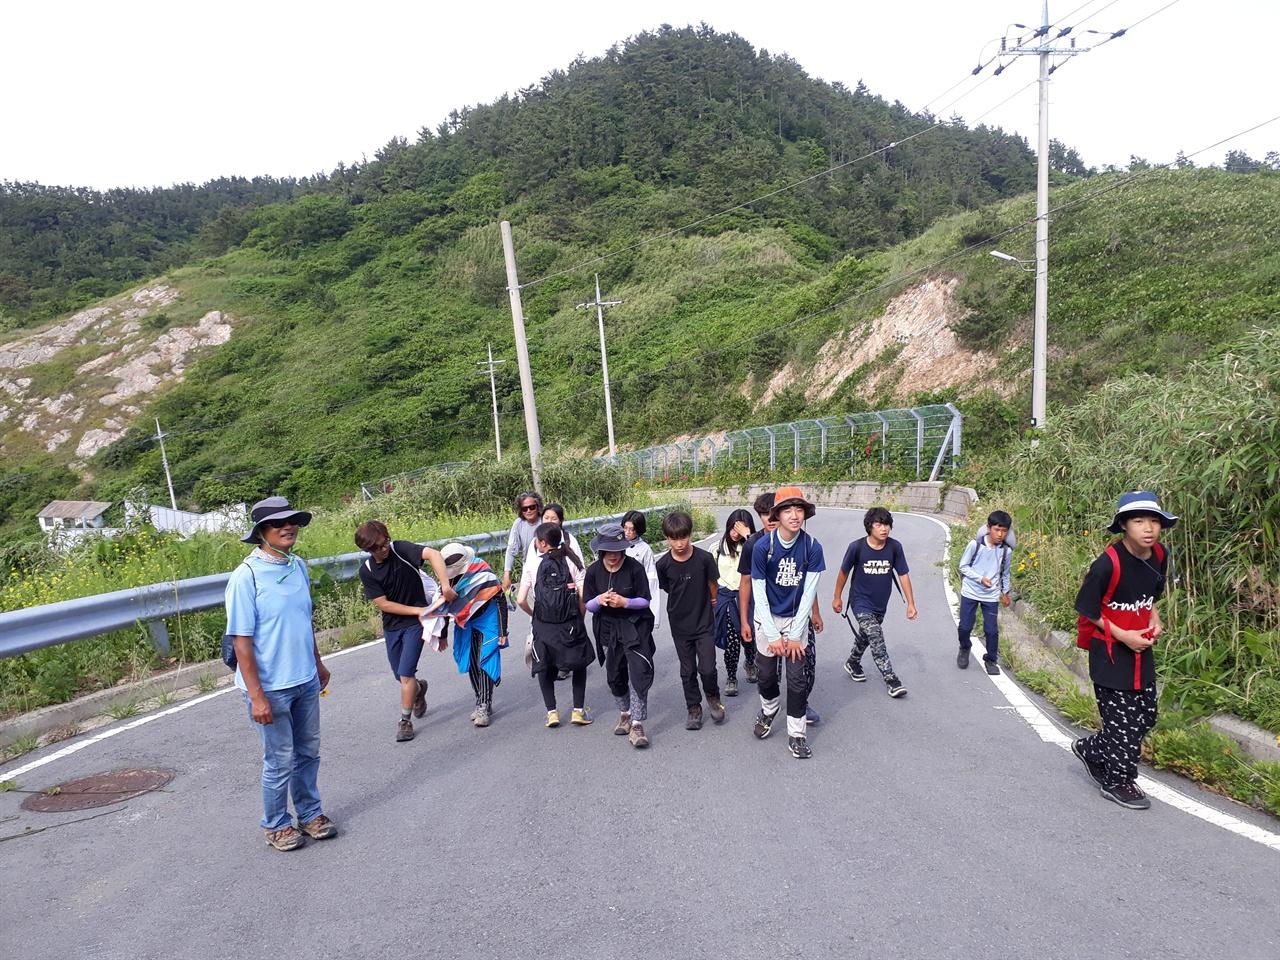 흑산면 대둔도 수리마을  아무도 찾지 않은 대둔도 수리 마을, 민권 운동가 김이수 선생의 마을을 둘러보고 오리 마을로 가고 있는 학생들